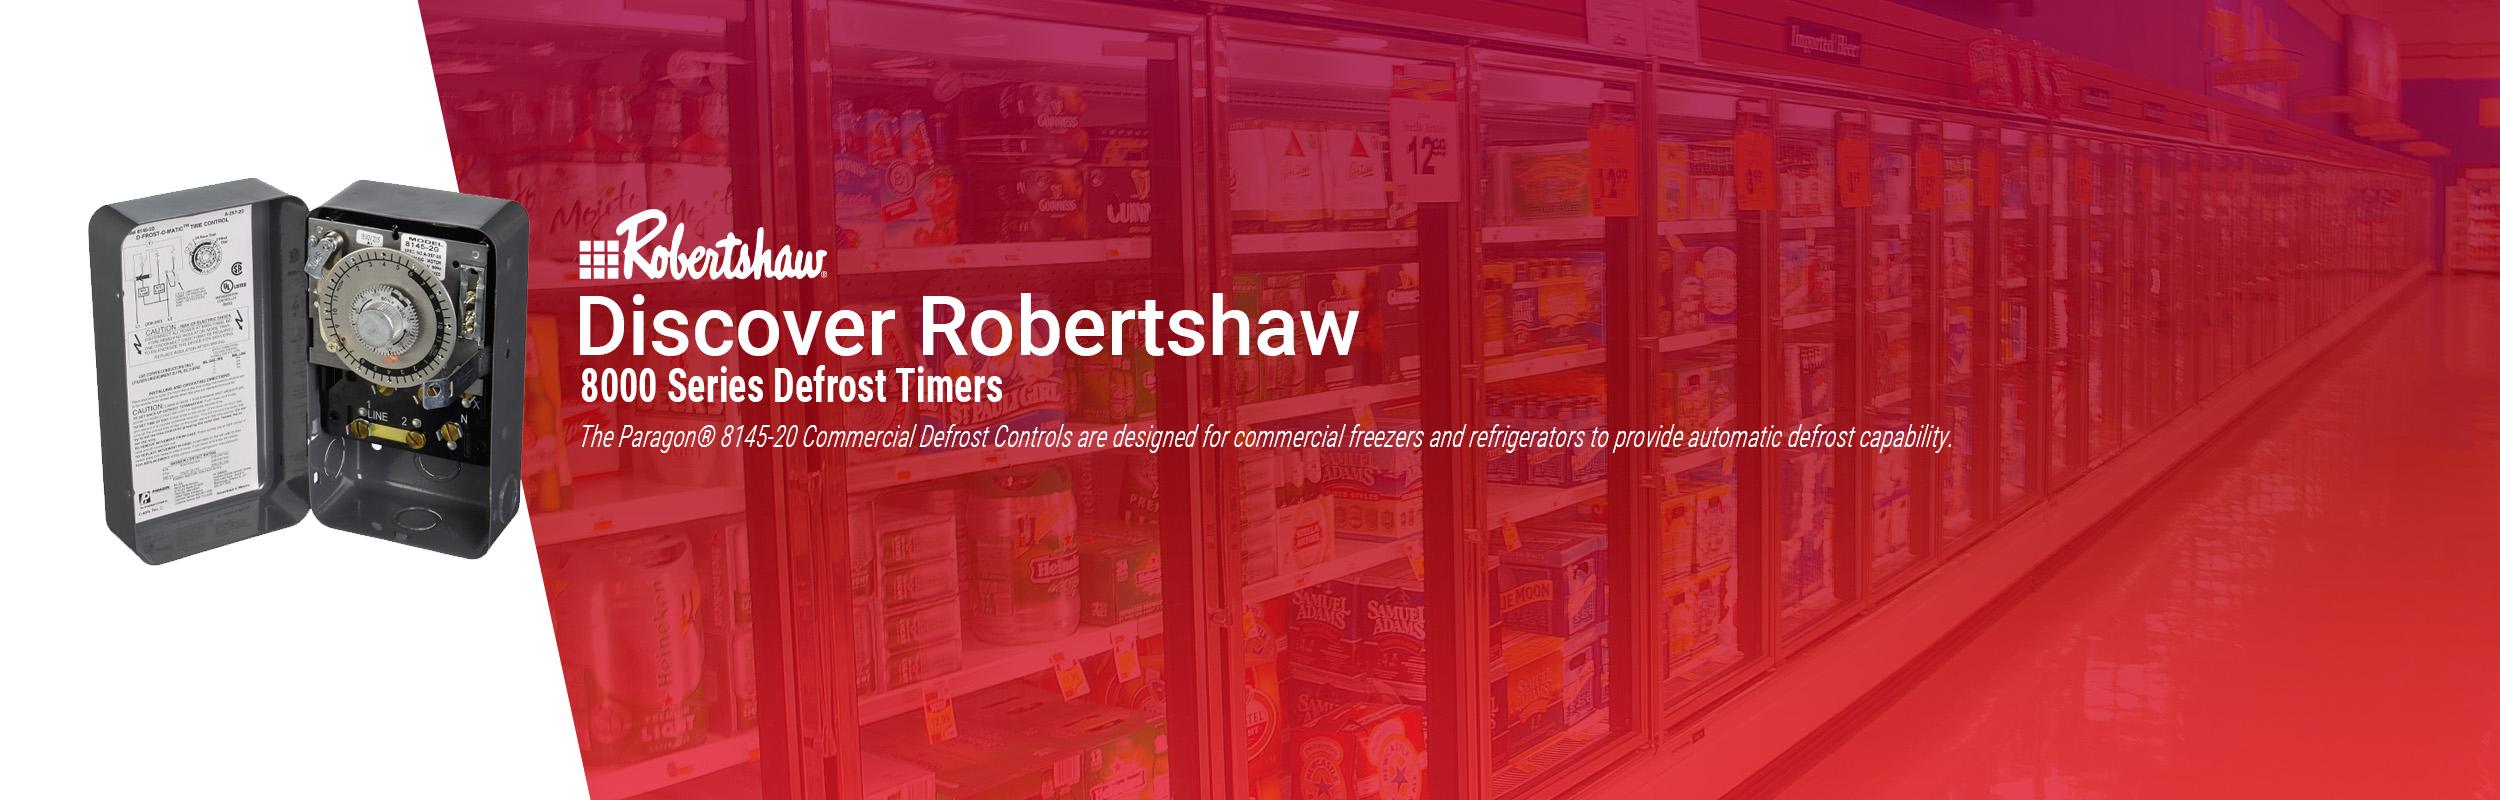 ROBERTSHAW-PAR814520